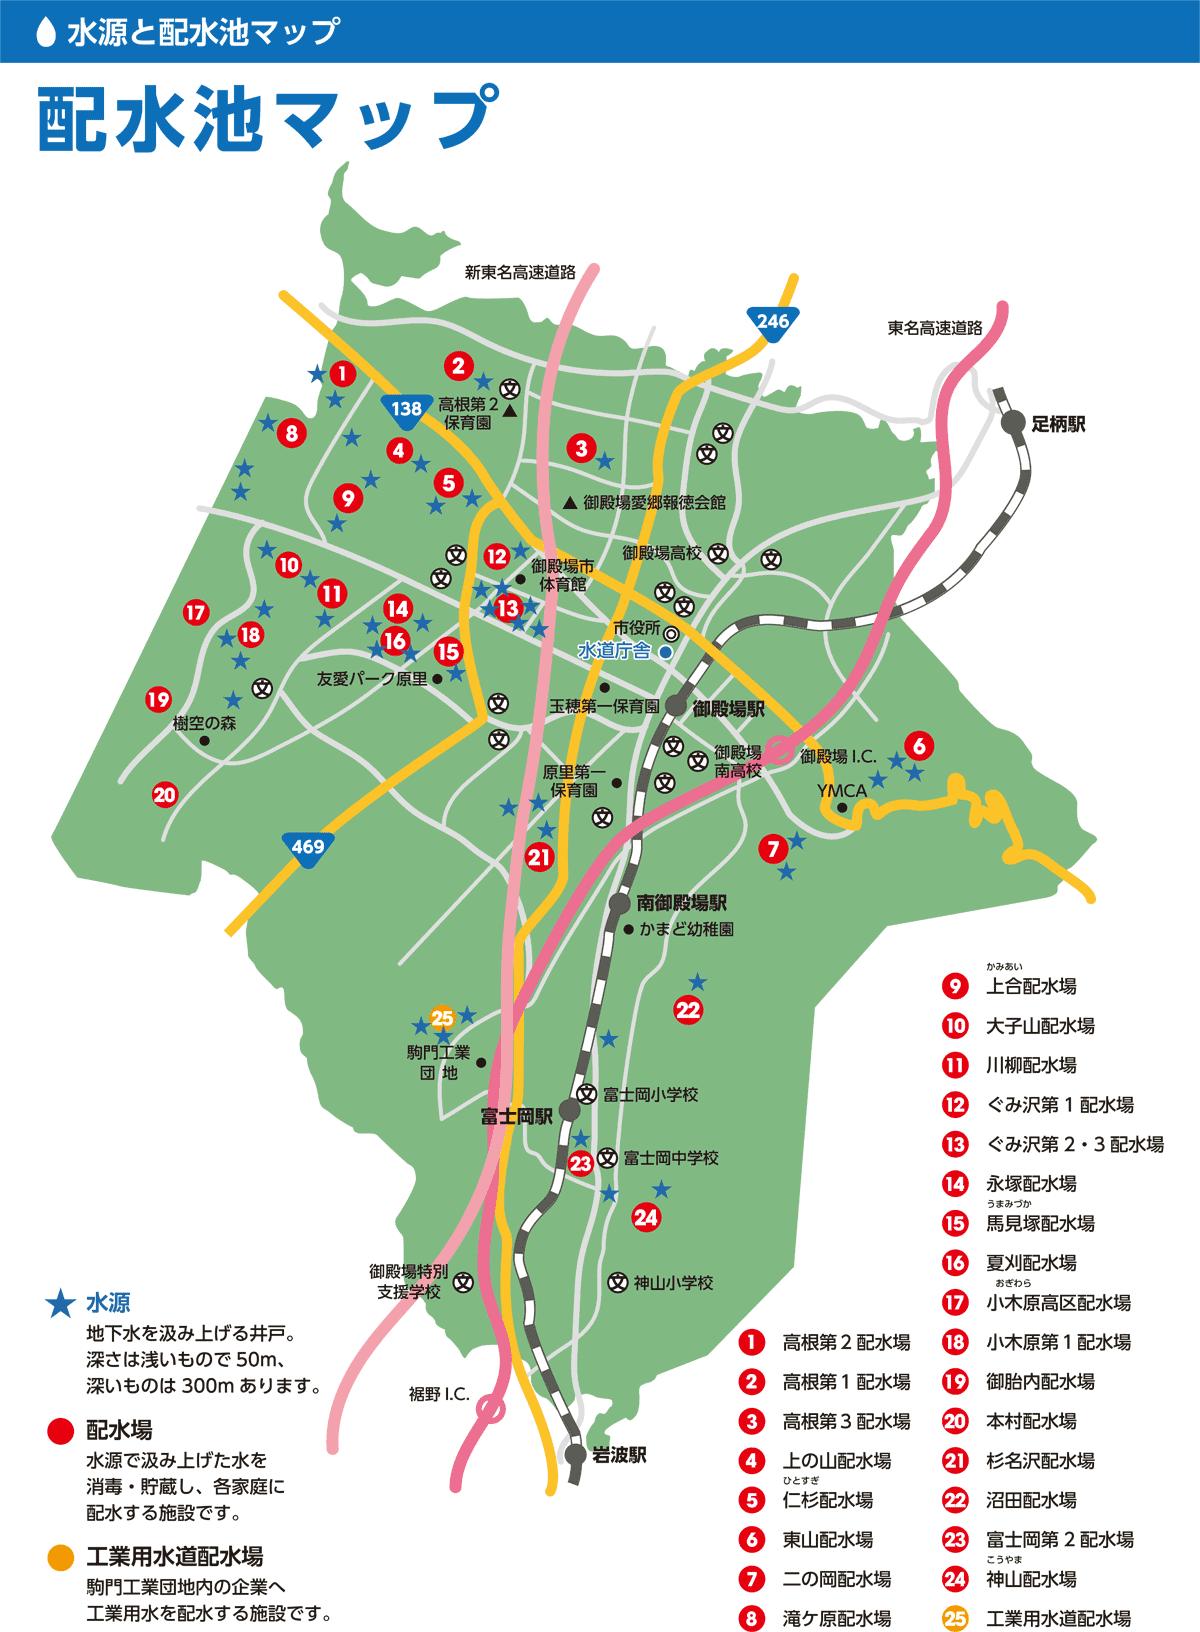 御殿場市の「水源と配水池マップ」